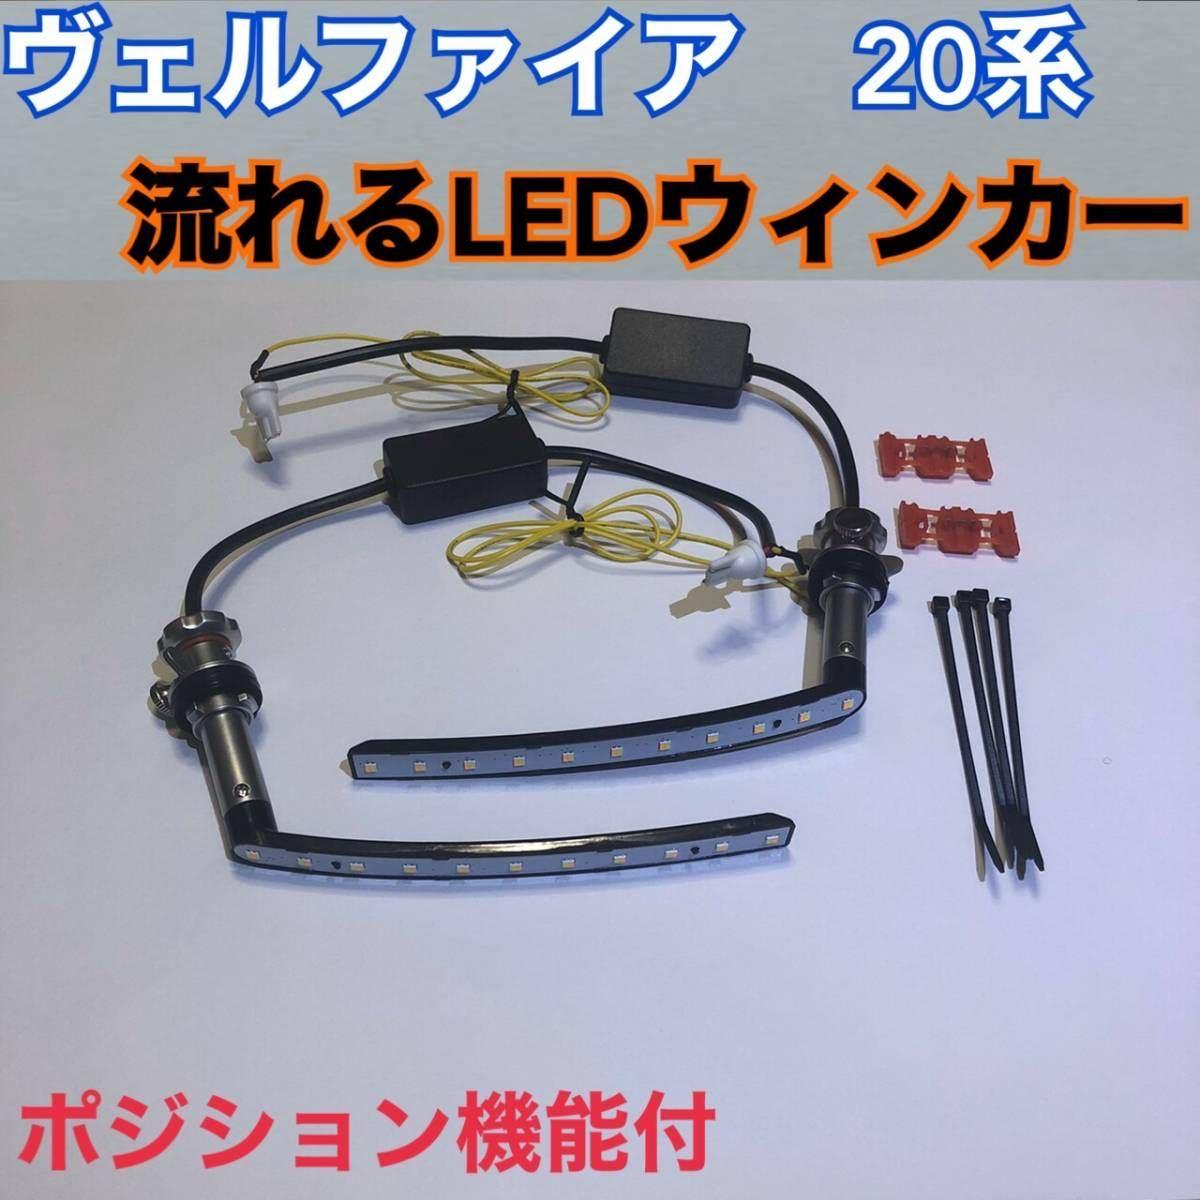 20 ヴェルファイア 用 シーケンシャル ウインカー ポジションキット LED 流れるウインカー